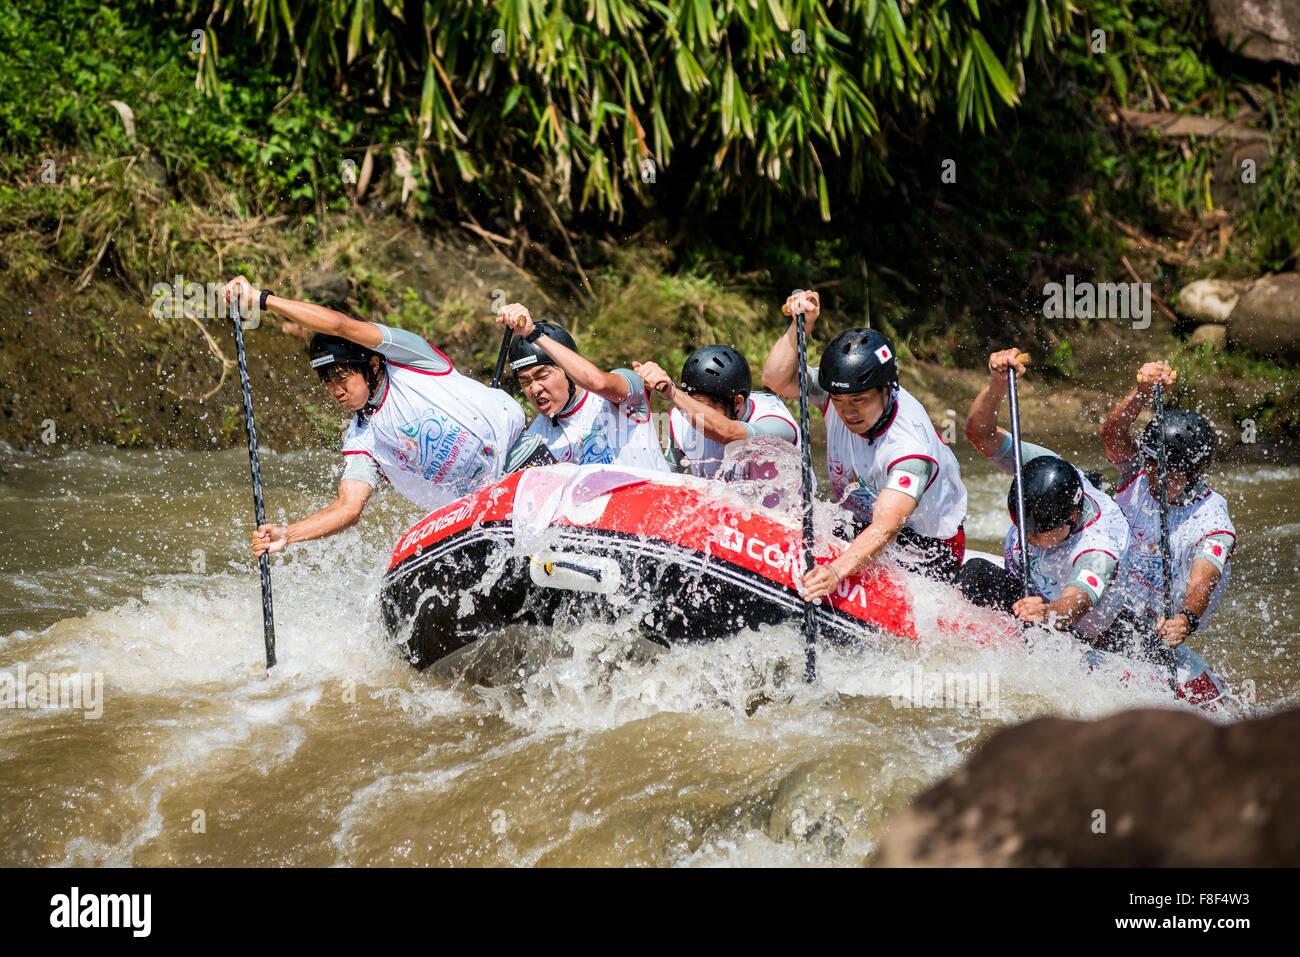 Giappone U23 uomini squadra in azione nella gara sprint categoria durante il Mondiale 2015 Campionati di rafting. Immagini Stock